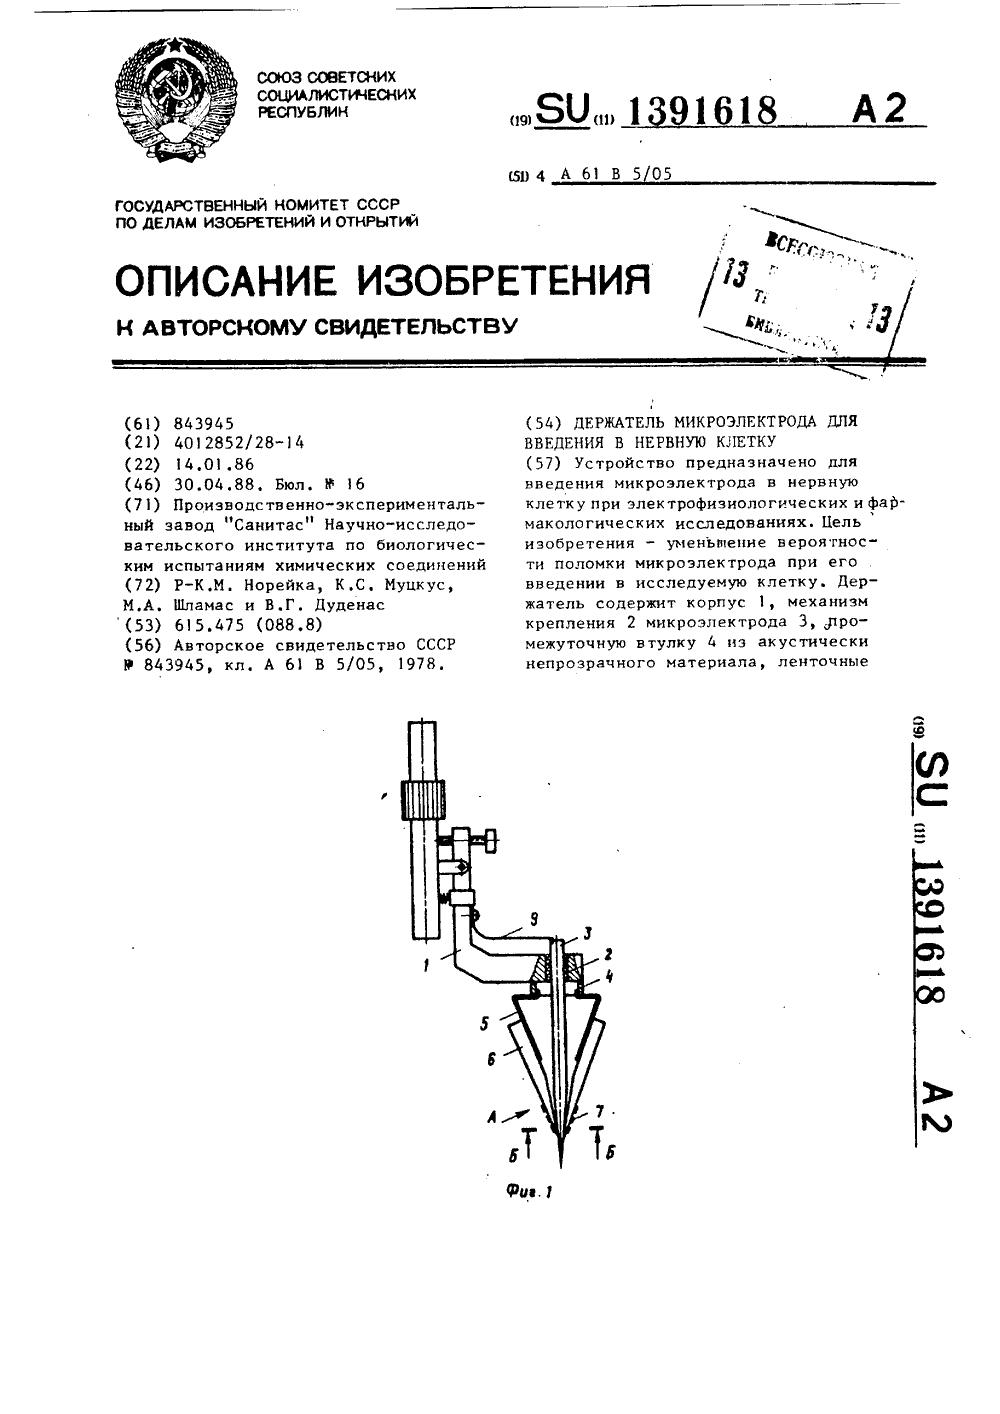 Микроэлектрод